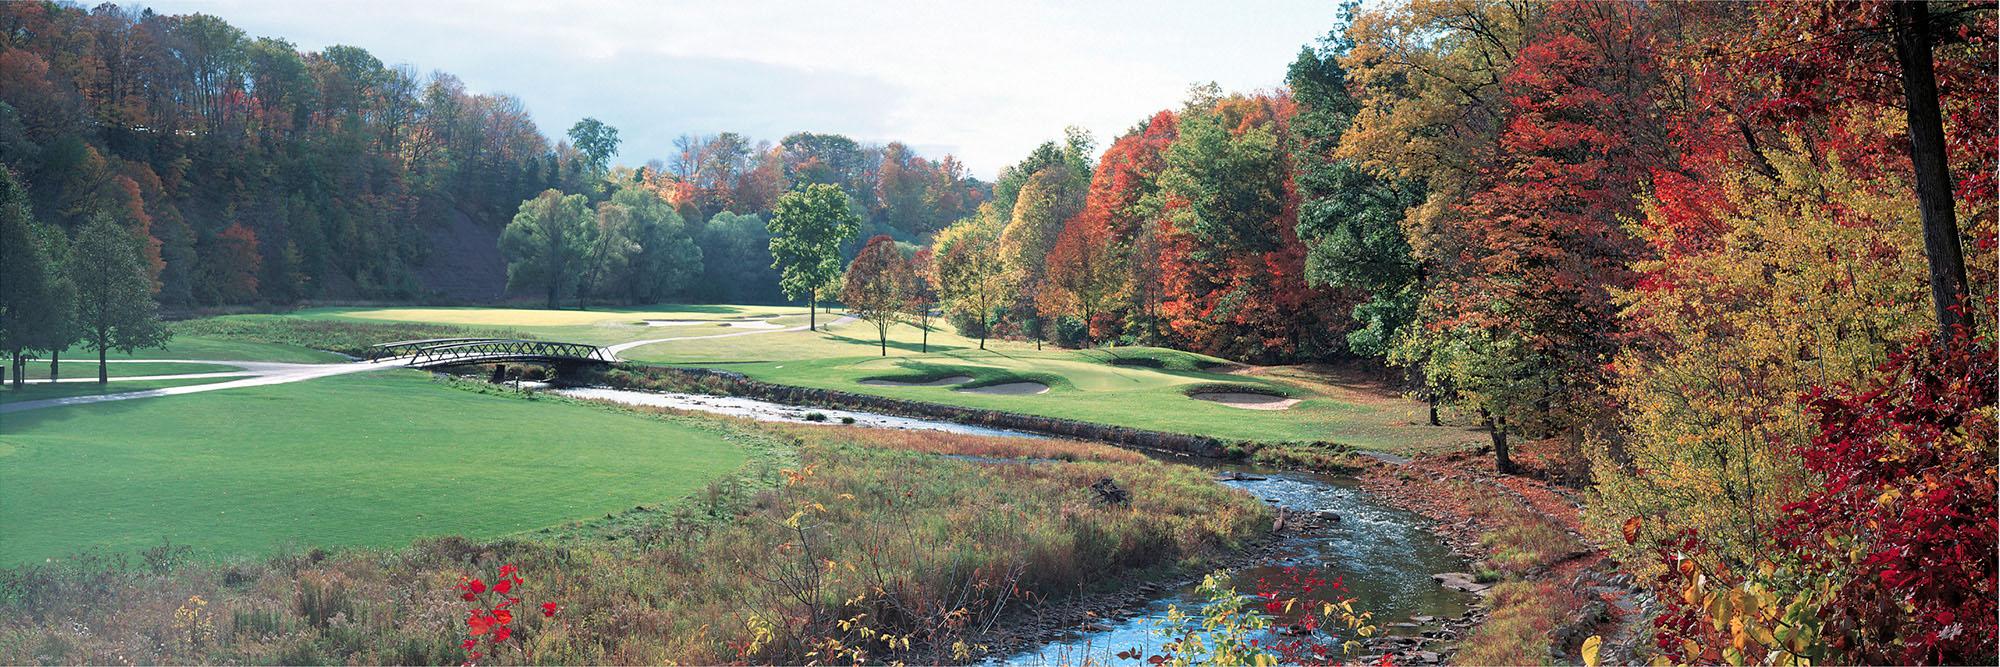 Golf Course Image - Glen Abbey No. 12